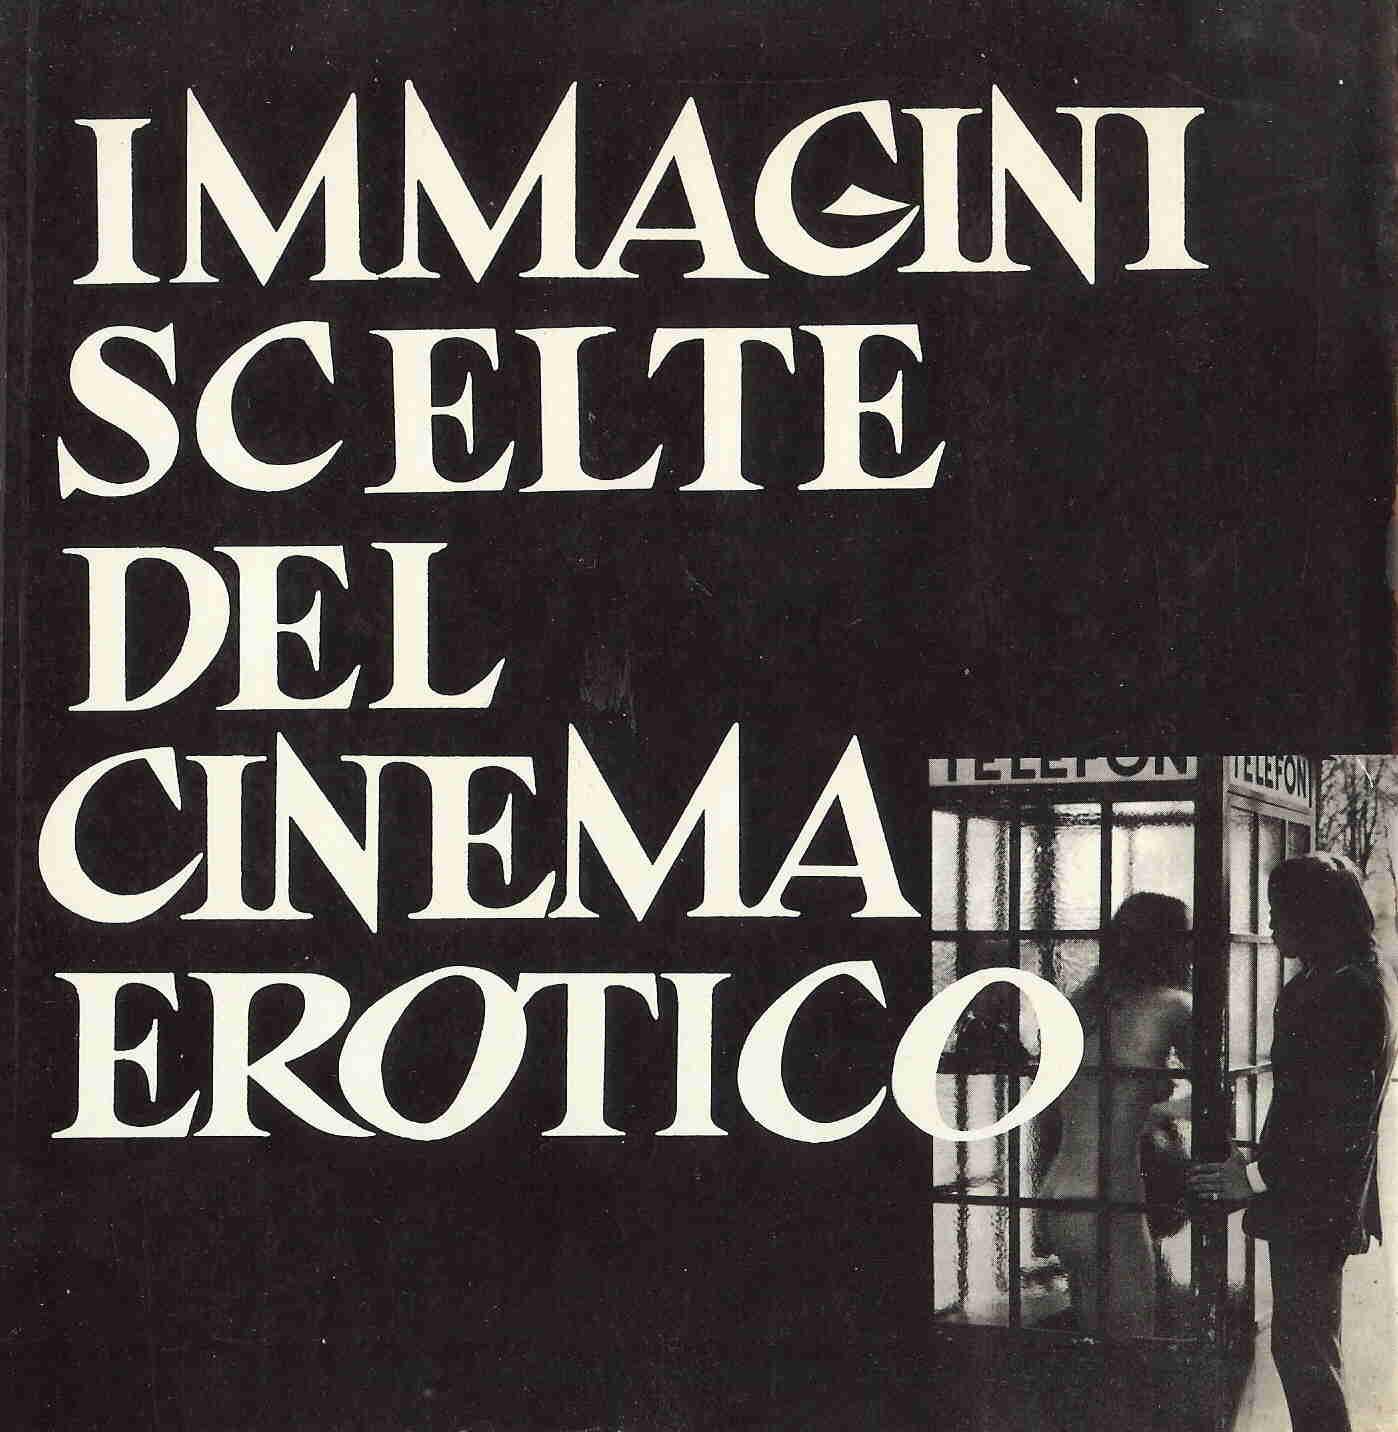 Immagini scelte del cinema erotico